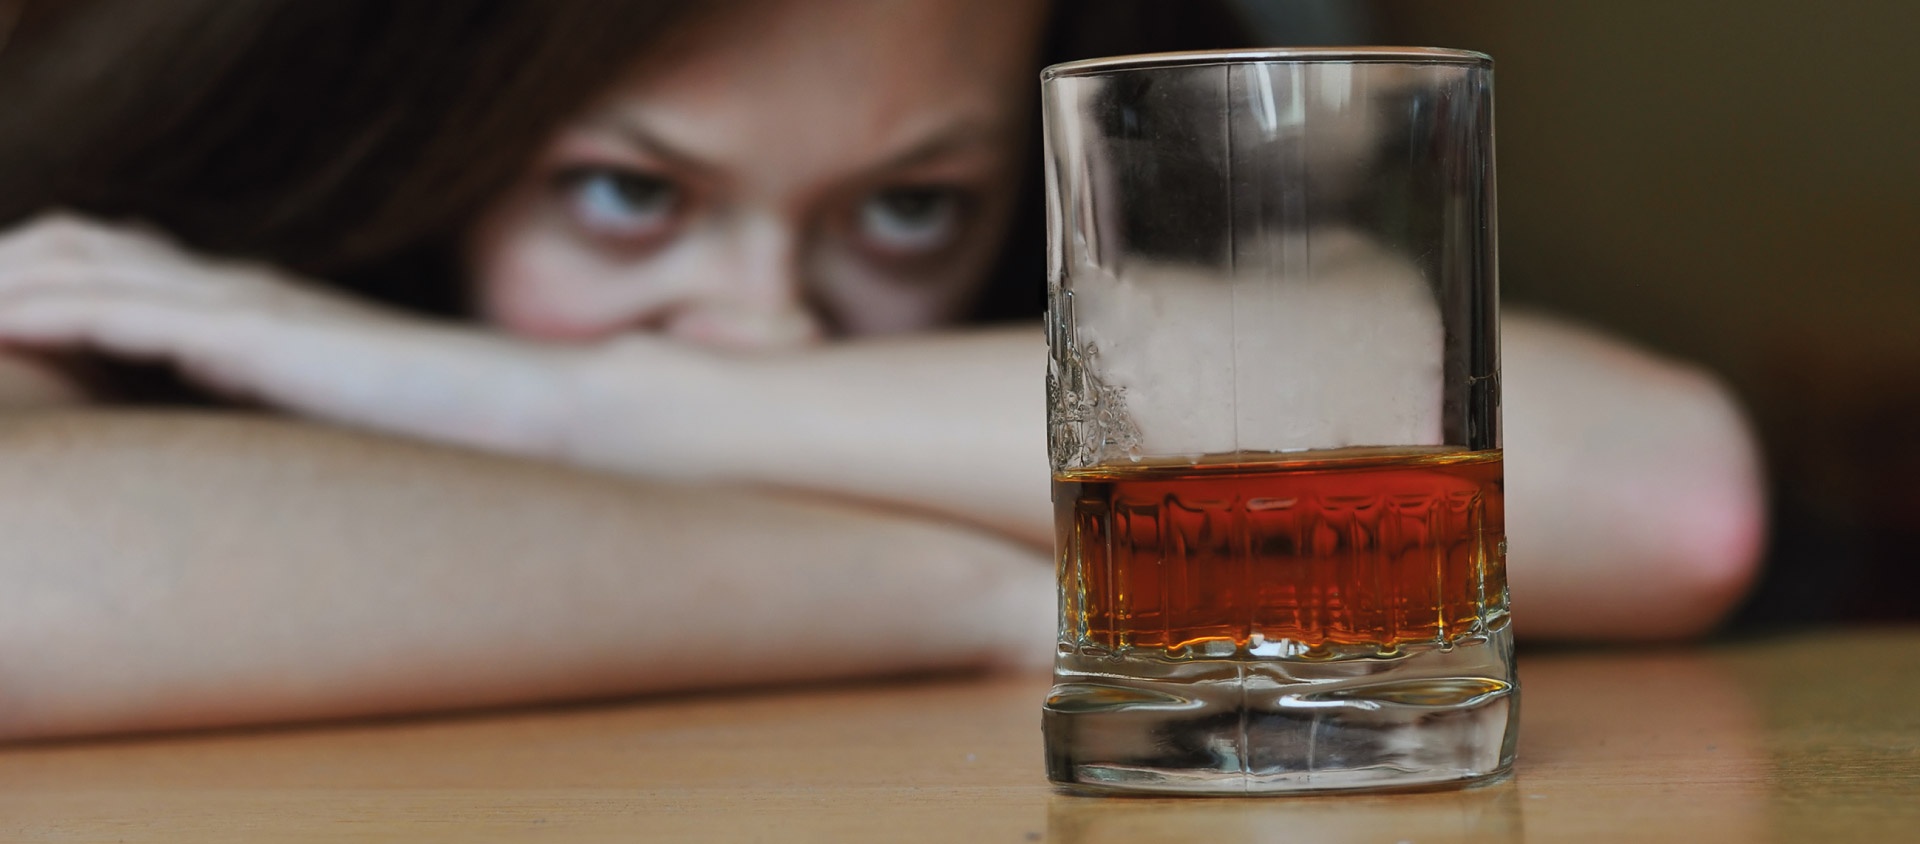 Dia Nacional de Combate ao Alcoolismo